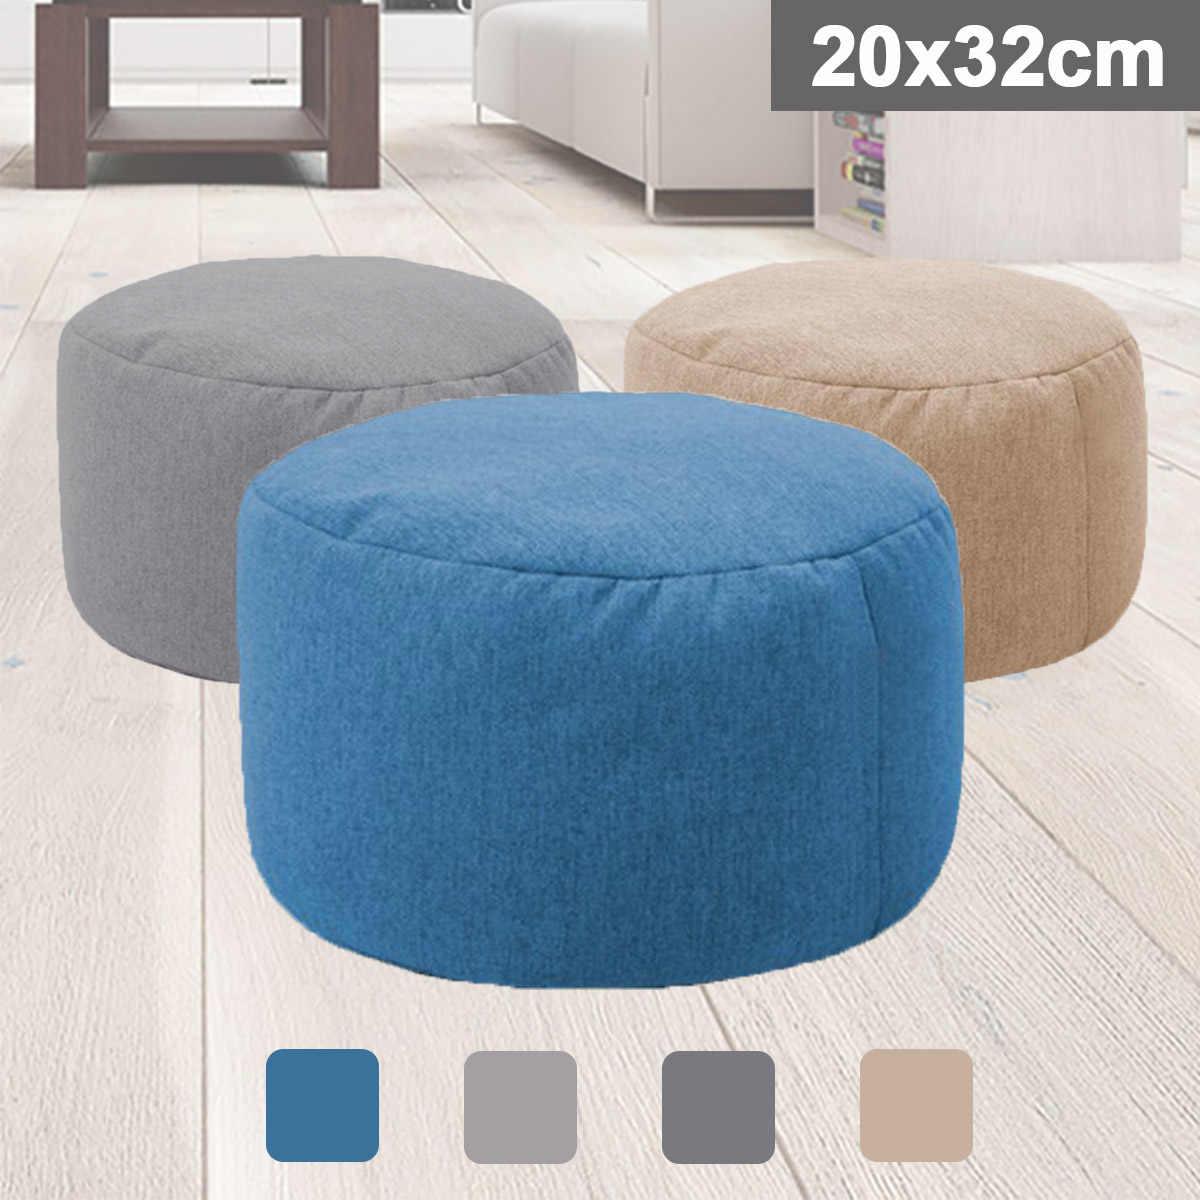 Маленькое круглое уютное кресло-мешок покрывало на диван Водонепроницаемая Мягкая коробка животные игрушка мешок бобов сплошной цвет крышка стула Beanbag диваны